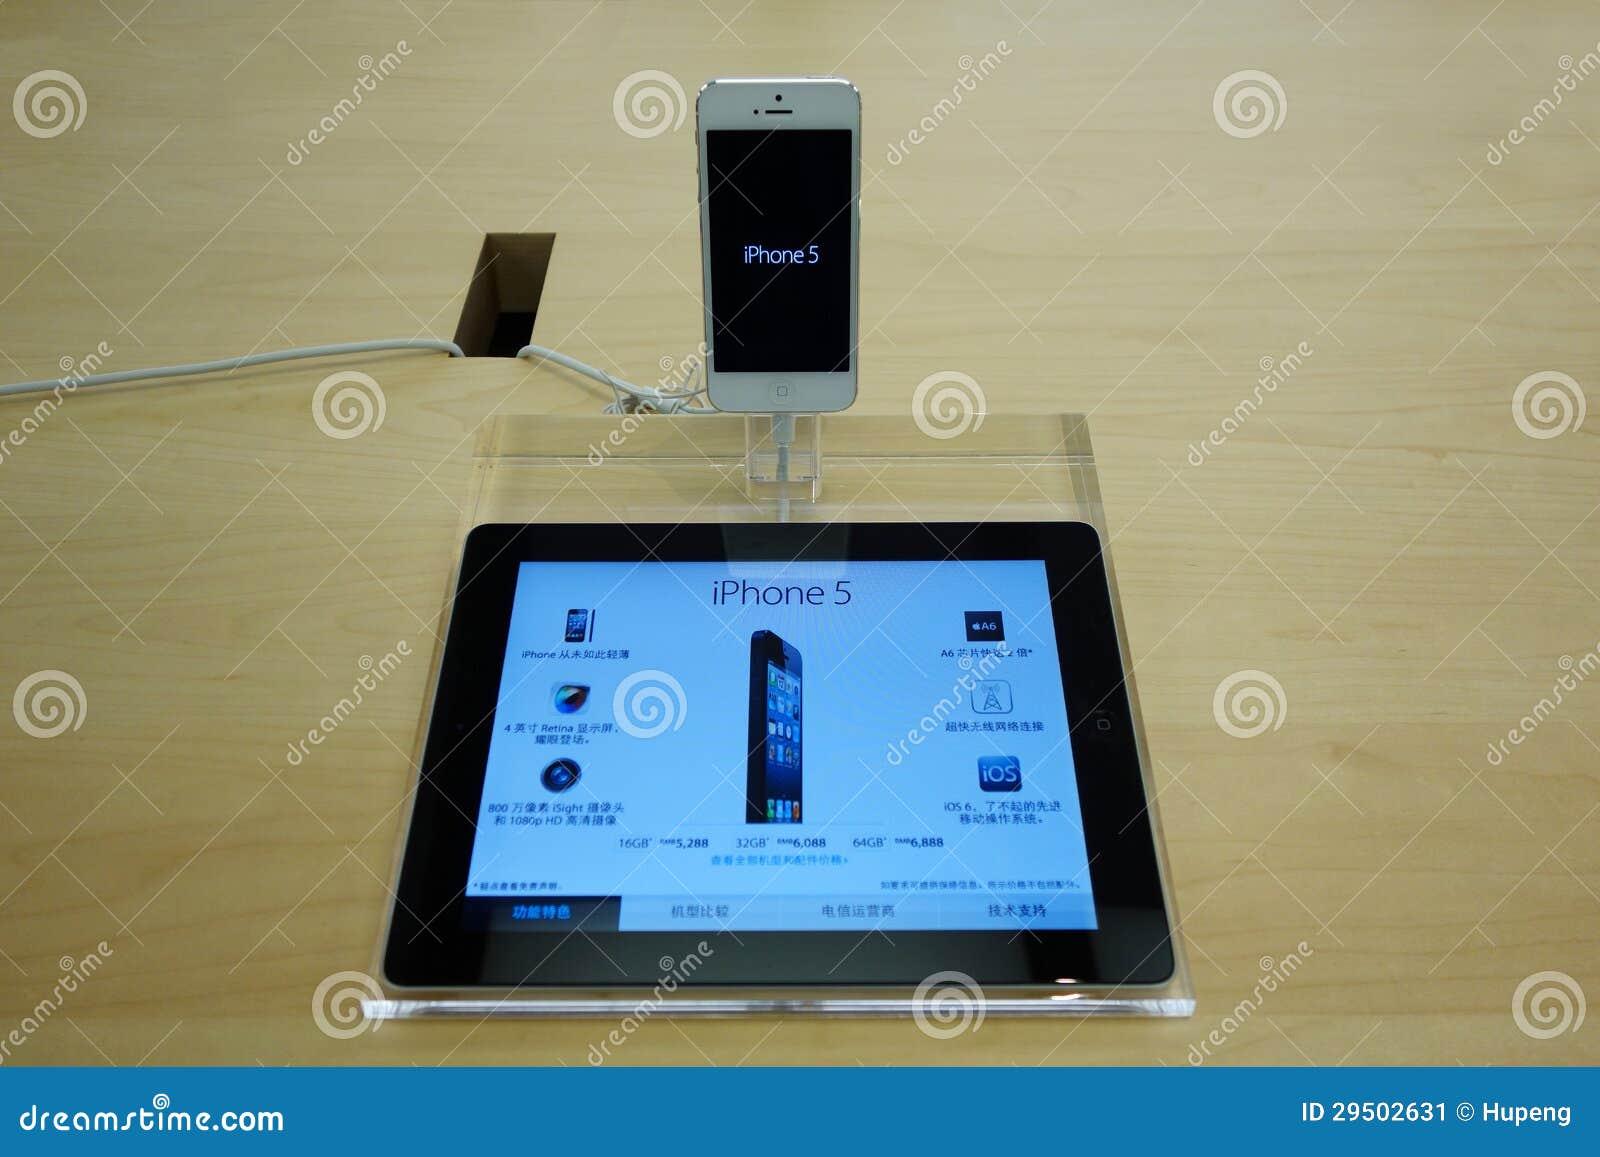 Iphone5 in appeldetailhandel